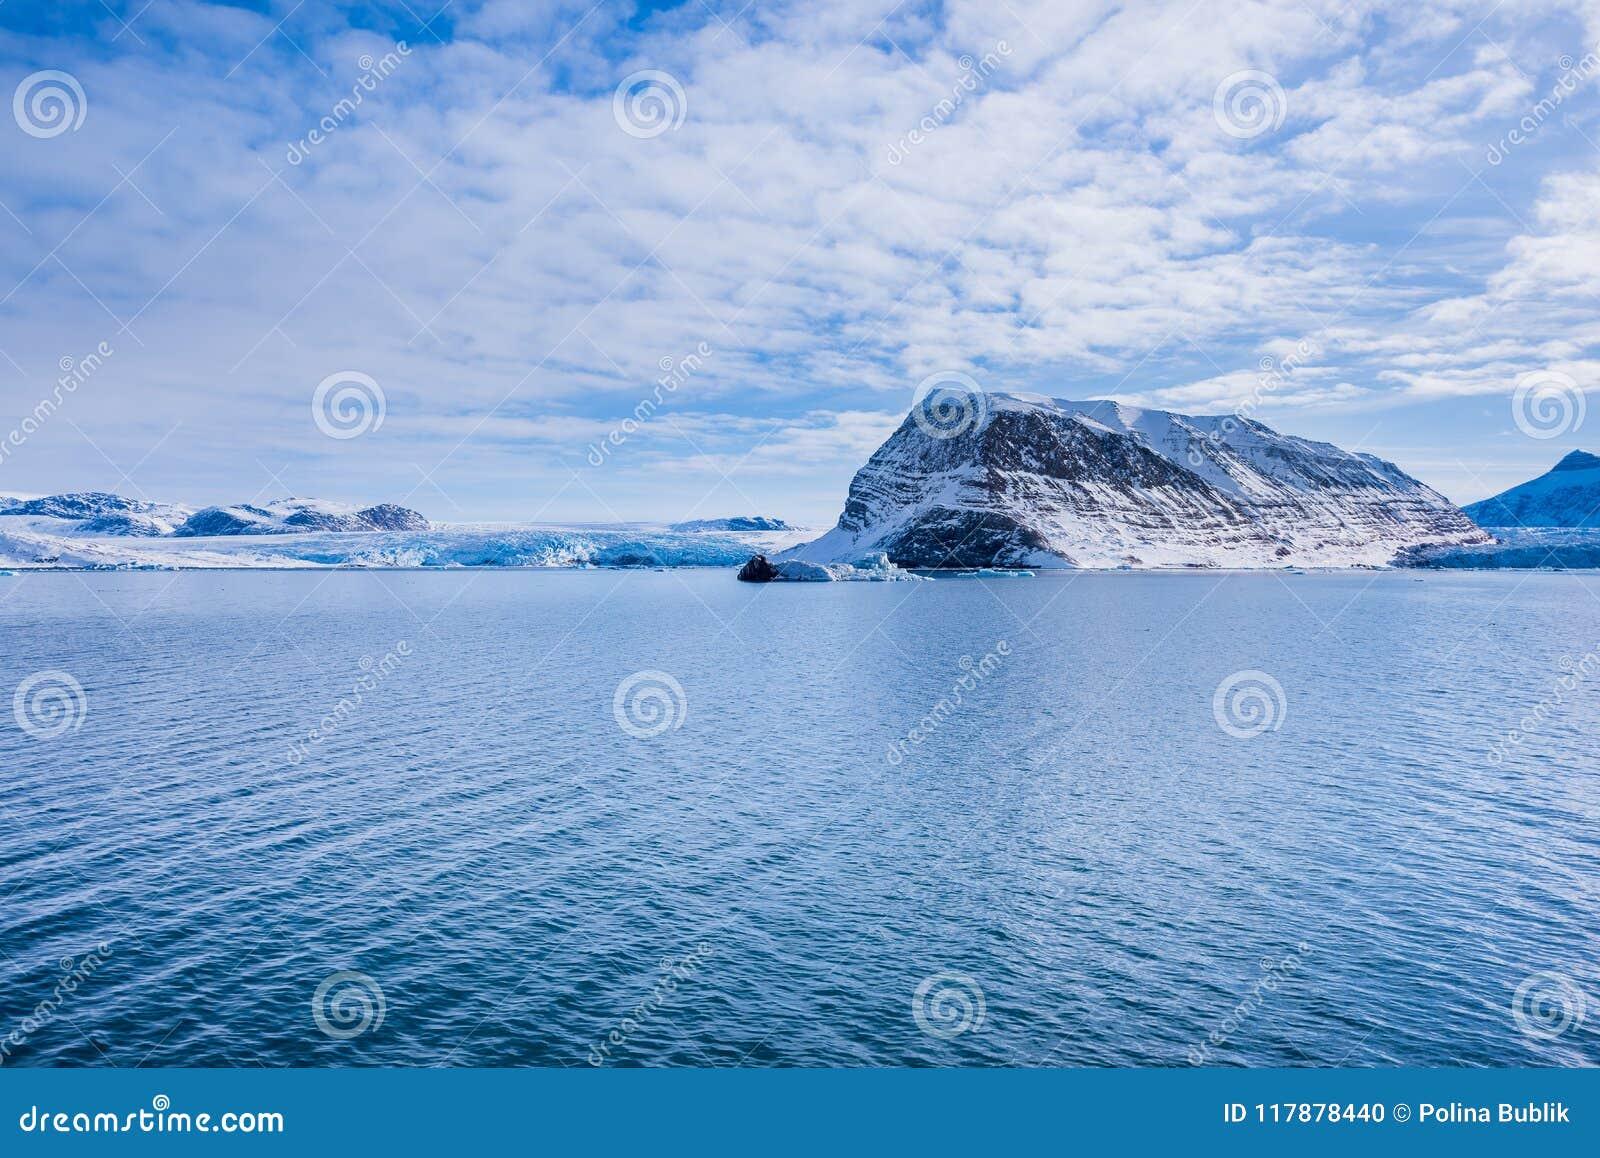 Krajobrazowa natura góry Spitsbergen Longyearbyen Svalbard arktycznego oceanu zimy dnia biegunowy zmierzch